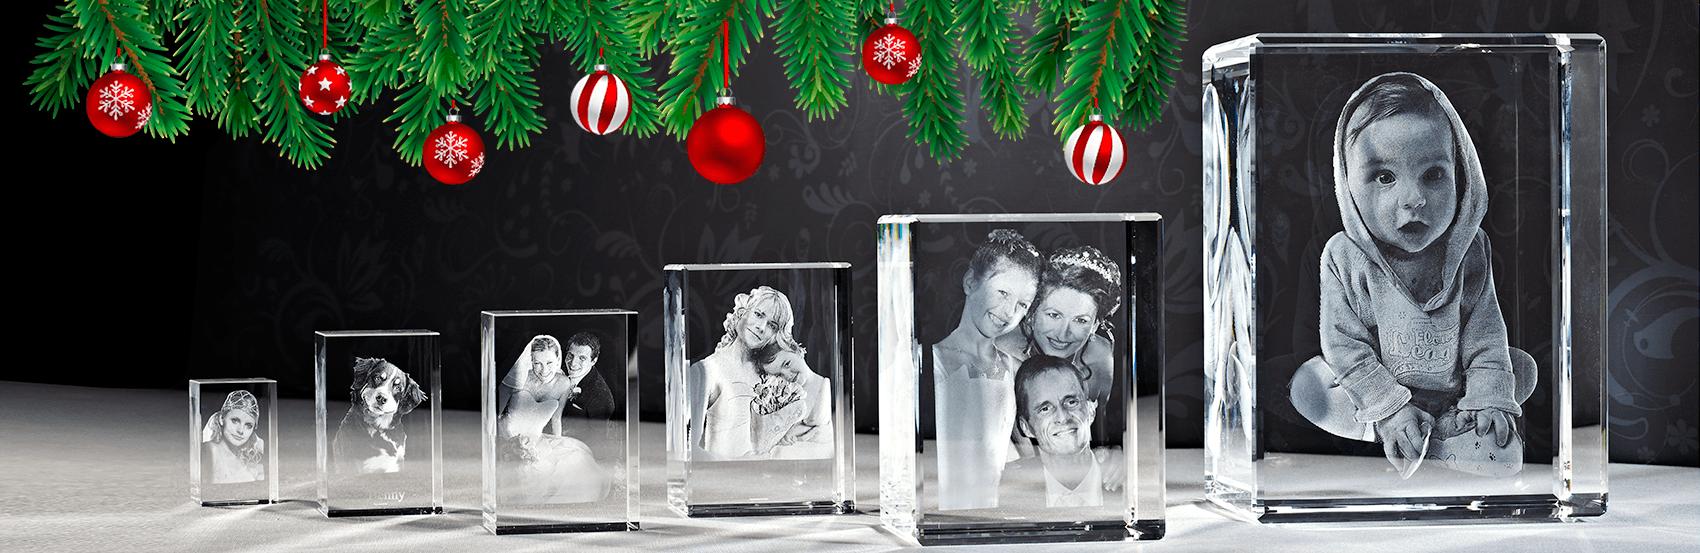 Das 3D Laser Foto ist das perfekte Weihnachtsgeschenk.